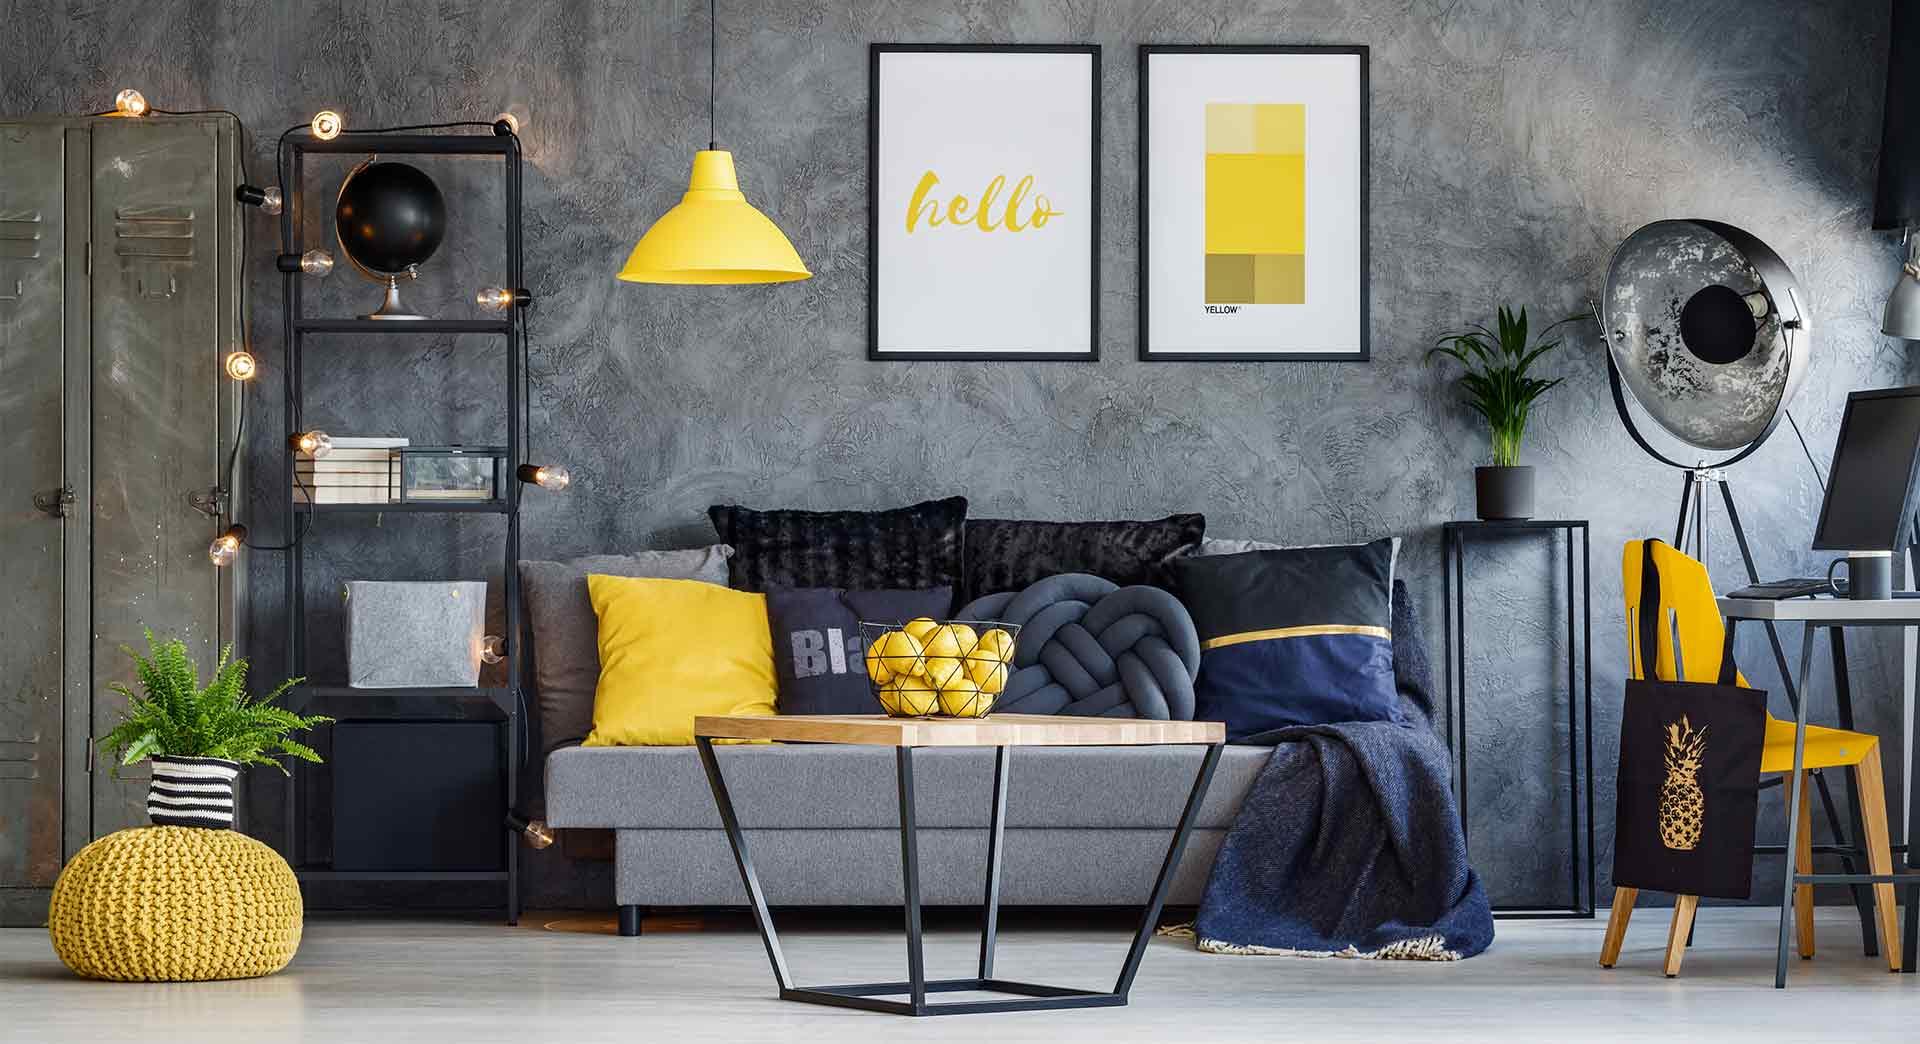 Bajeczny żółty kolor tkaniny meblowej na dodatkach w połączeniu z szarością mebla tapicerowanego - Marboss.eu